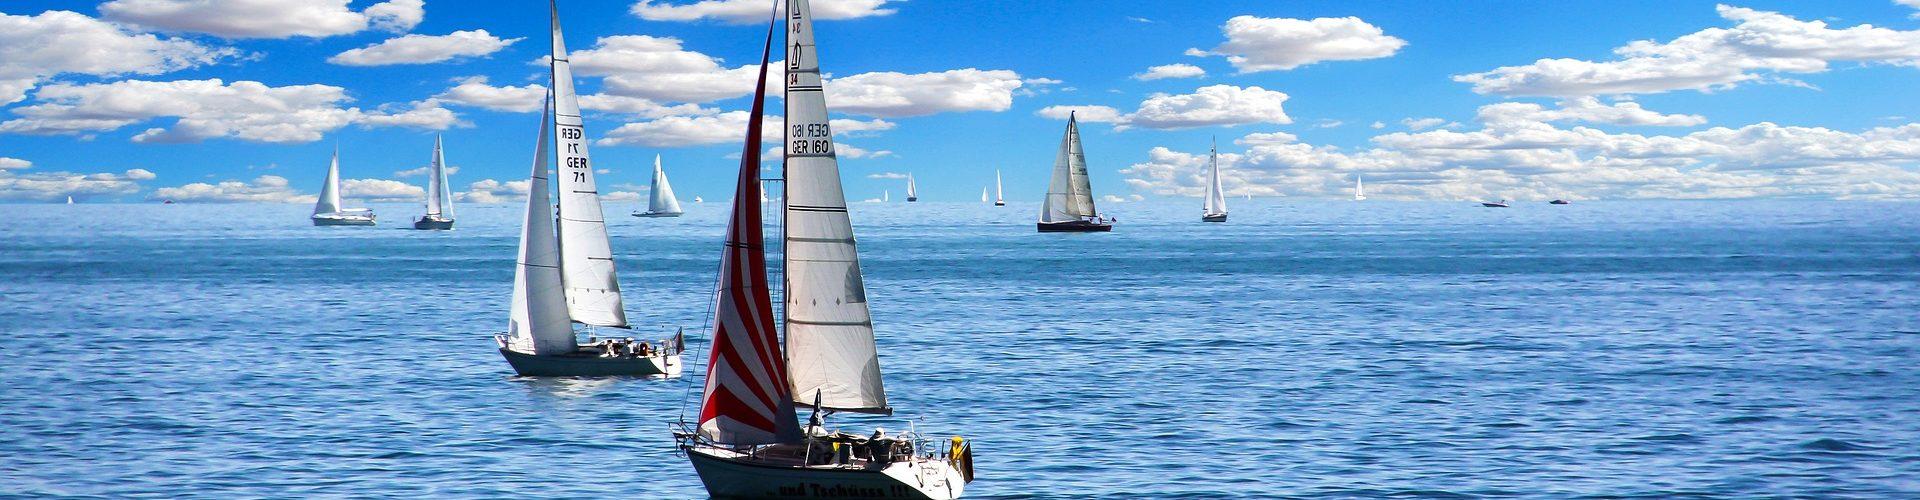 segeln lernen in Bretten segelschein machen in Bretten 1920x500 - Segeln lernen in Bretten